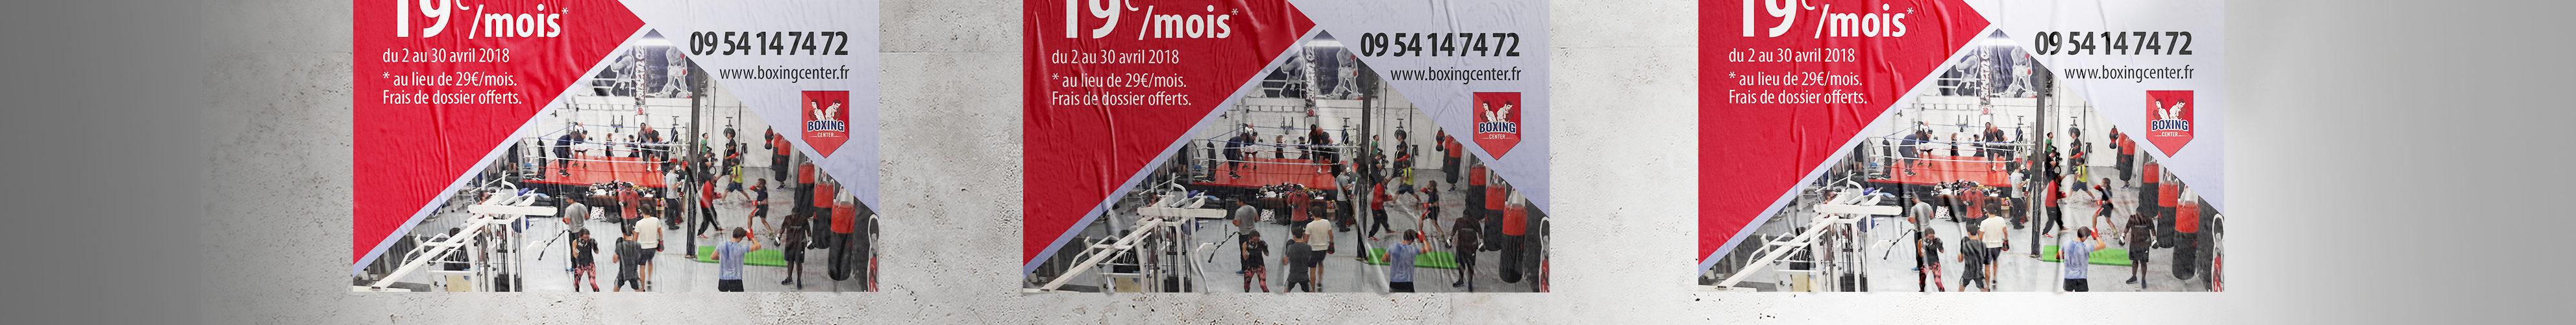 Affiche pour l'ouverture de la salle Boxing Center de Portet sur Garonne